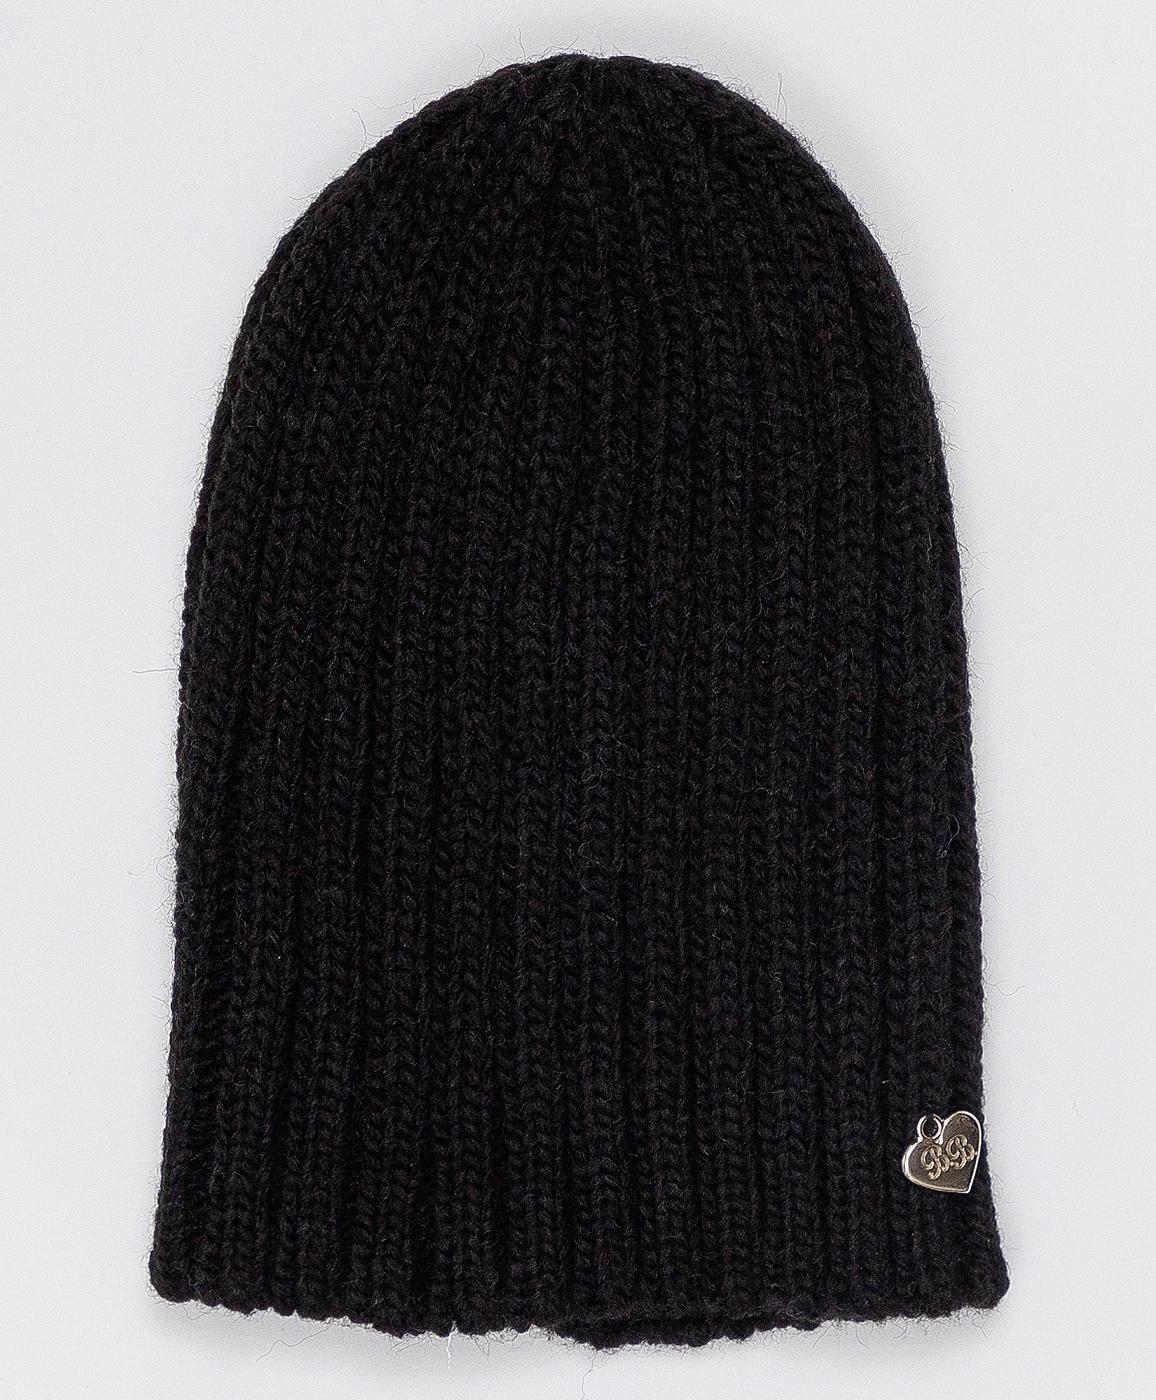 Купить 220BBGJX73010800, Черная вязаная шапка Button Blue, черный, 56, Вязаный трикотаж, Женский, Зима, ОСЕНЬ/ЗИМА 2020-2021 (shop: GulliverMarket Gulliver Market)